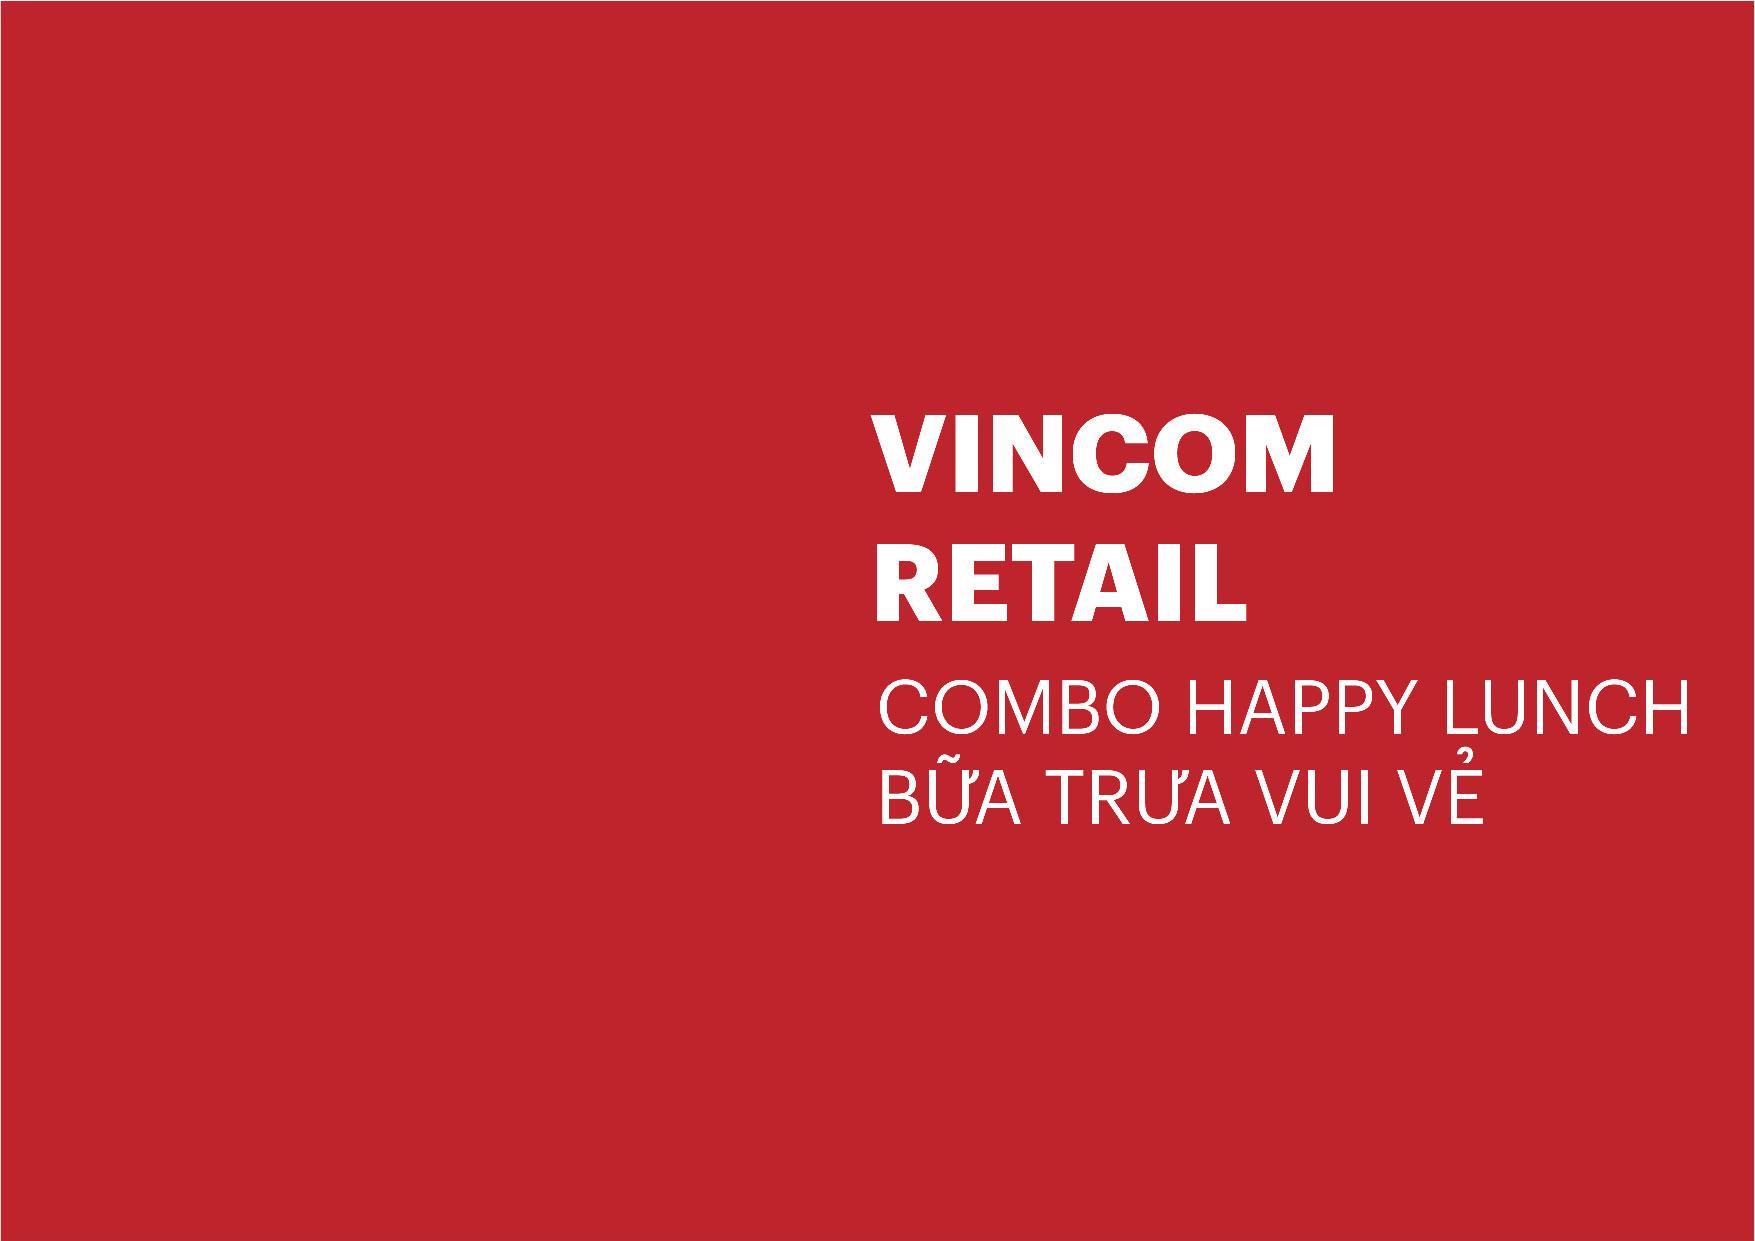 Vincom-51